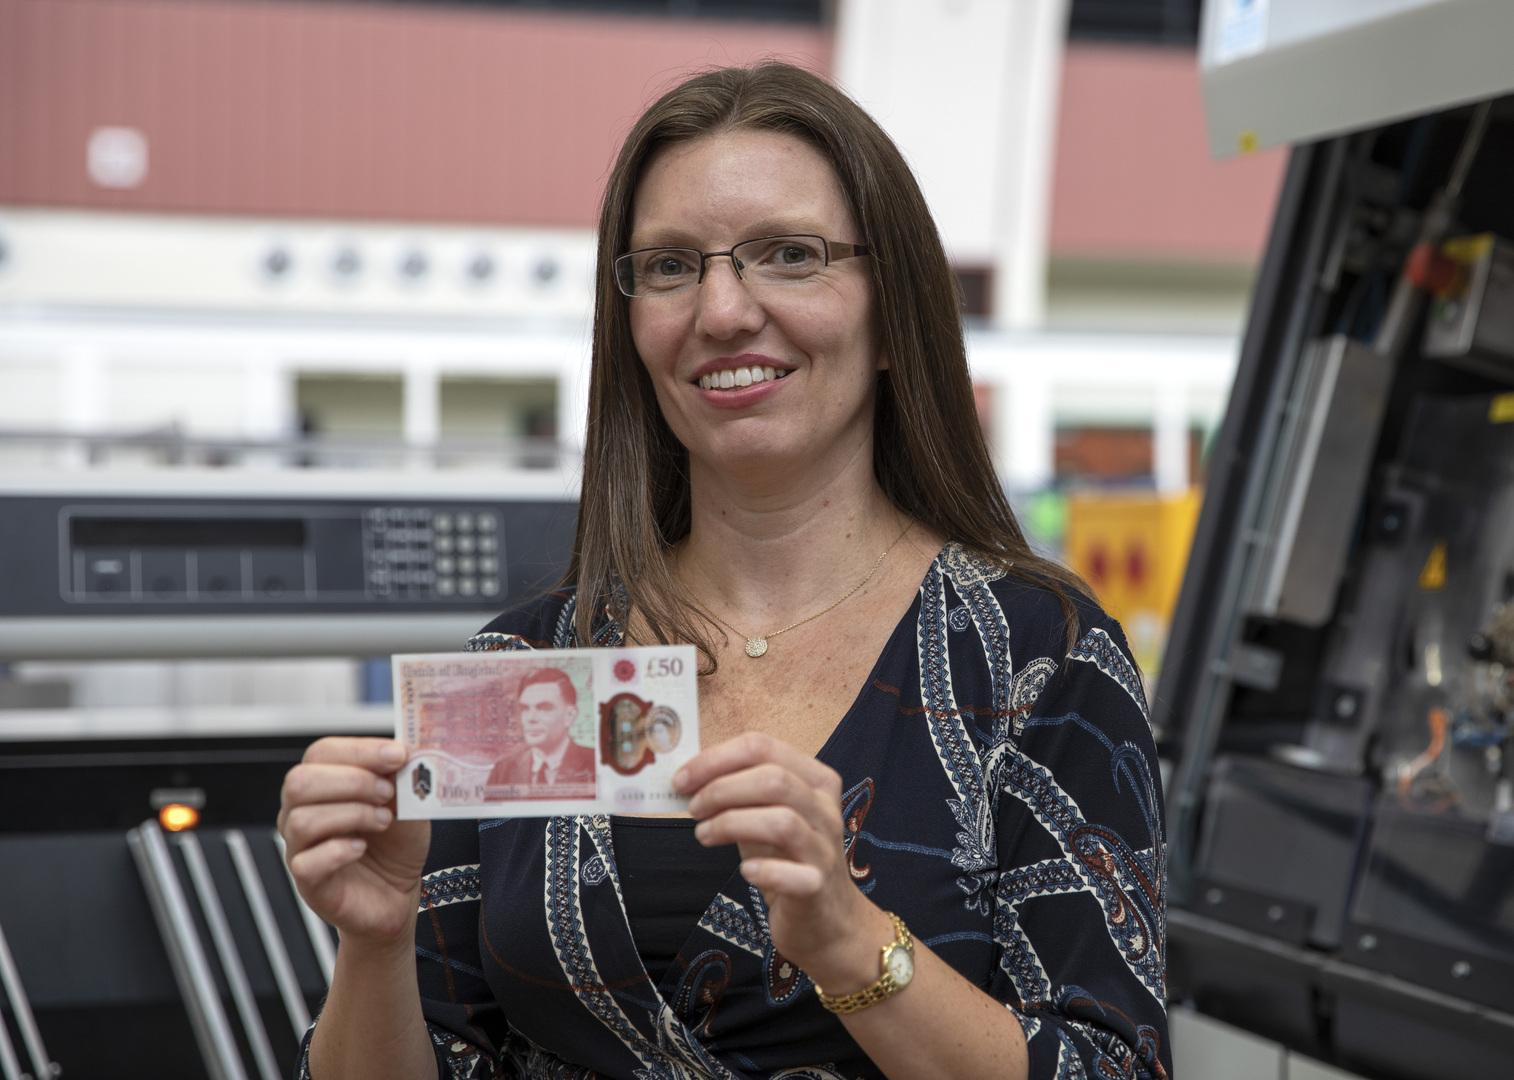 بريطانيا تكشف عن عملة ورقة نقدية جديدة عليها صورة عالم